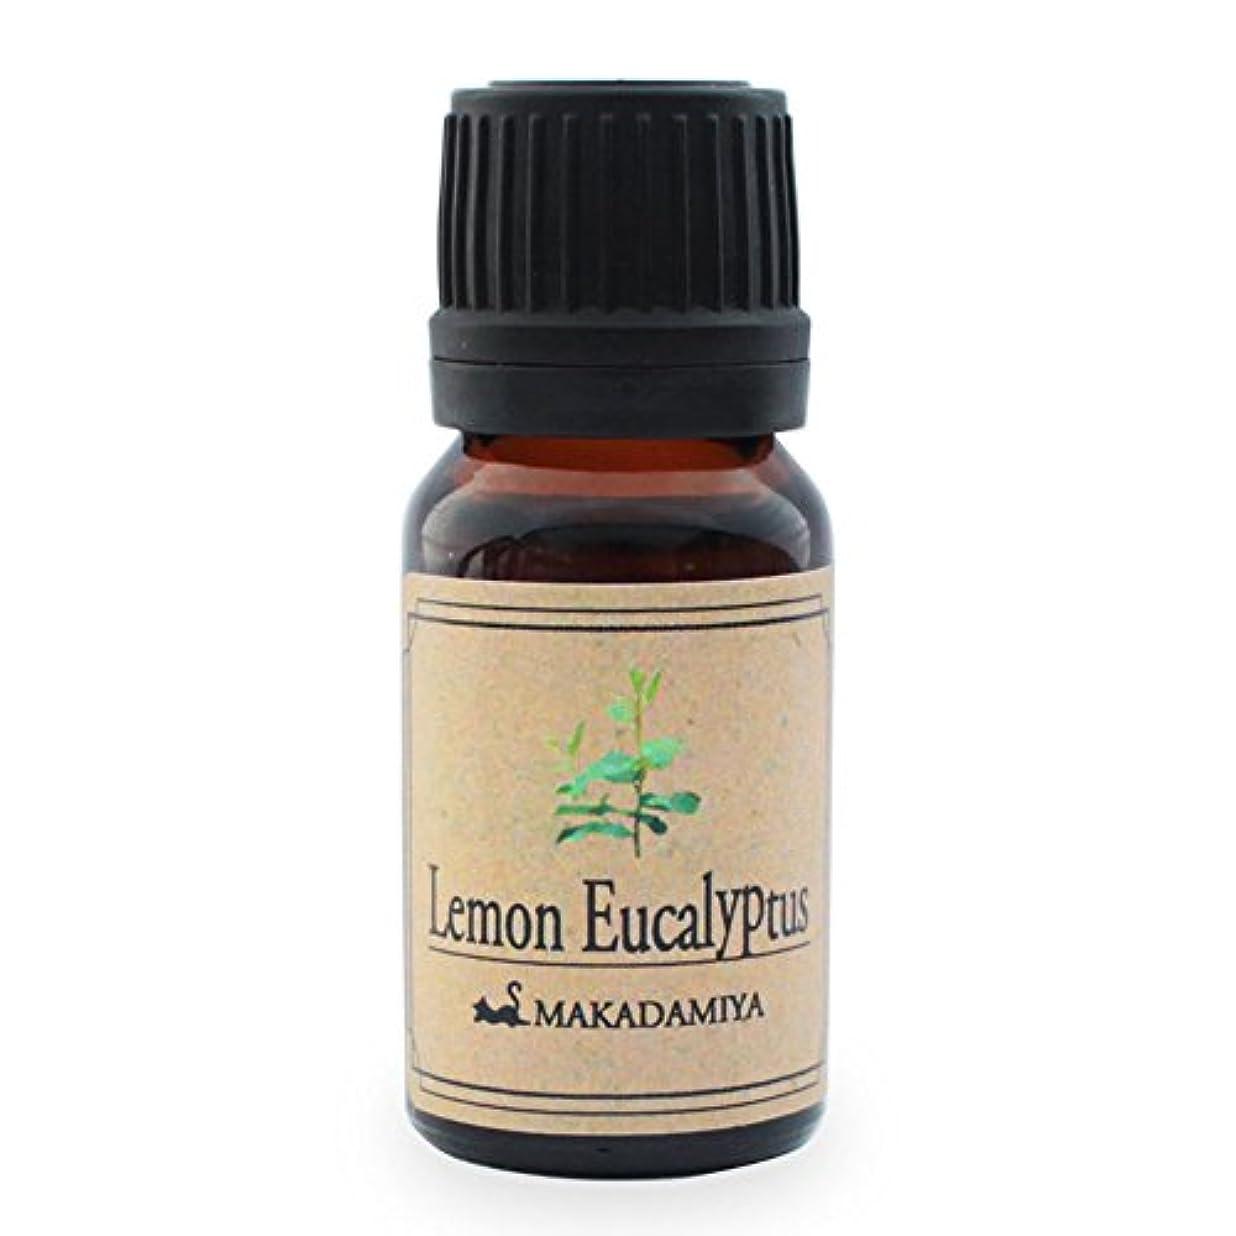 フィドルボーナスフラグラントレモンユーカリ10ml 天然100%植物性 エッセンシャルオイル(精油) アロマオイル アロママッサージ aroma Eucalyptus Citriodora